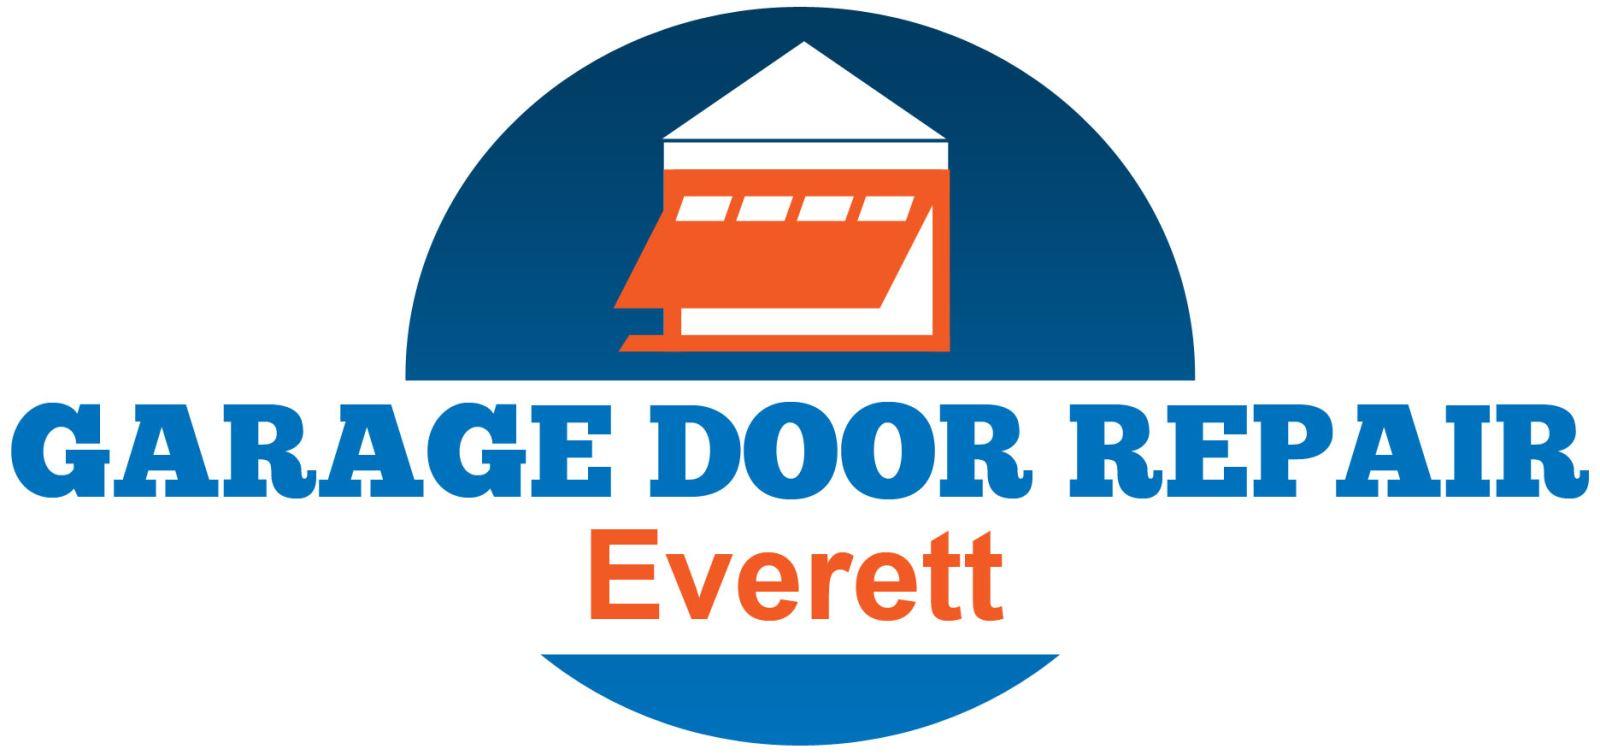 Overhead door logo - Garage Door